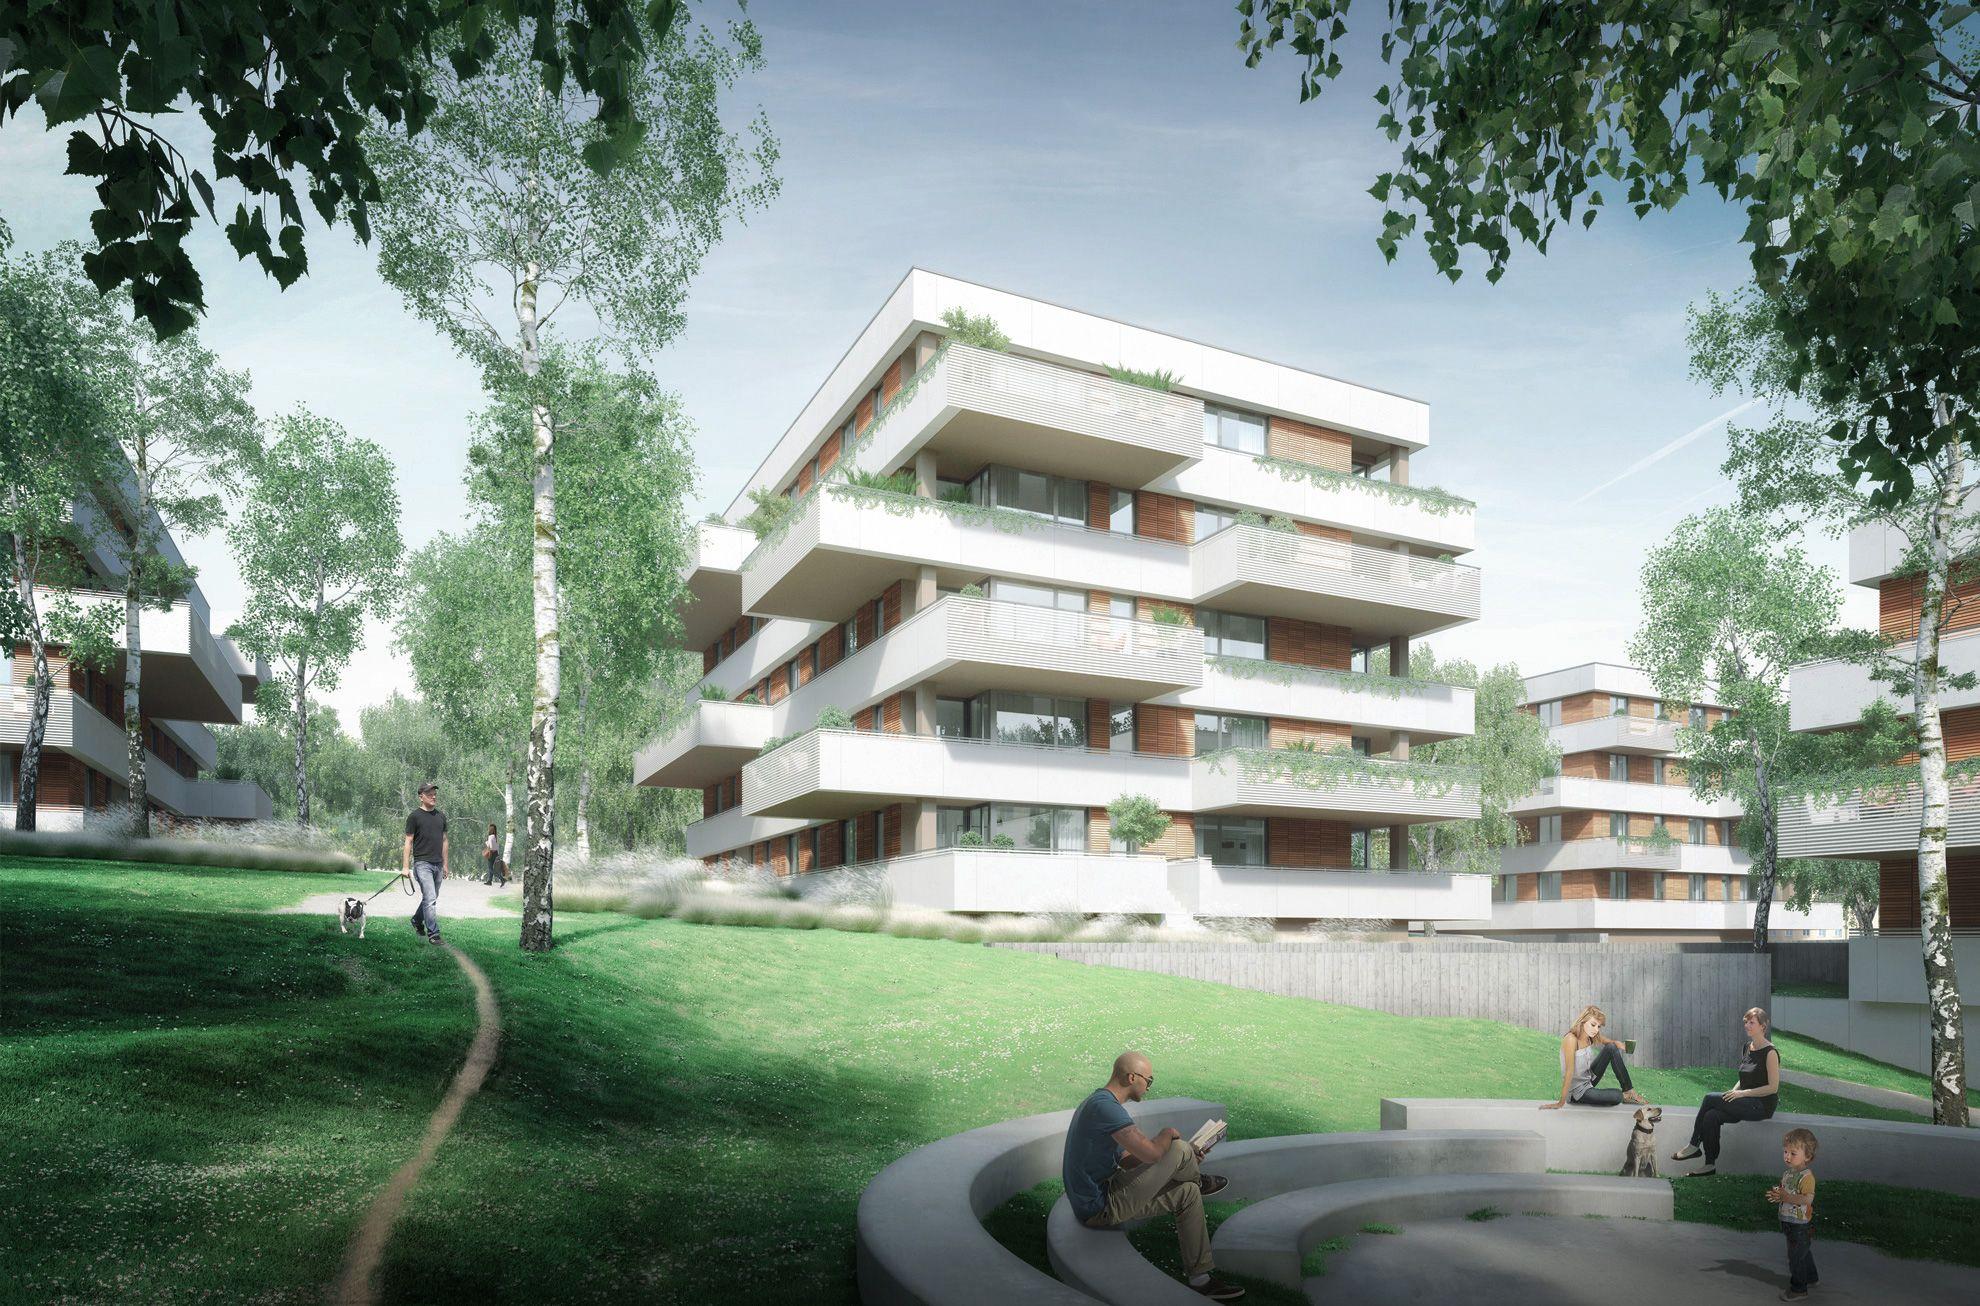 Architekten Chemnitz architekturwettbewerb architecture competition renderatelier